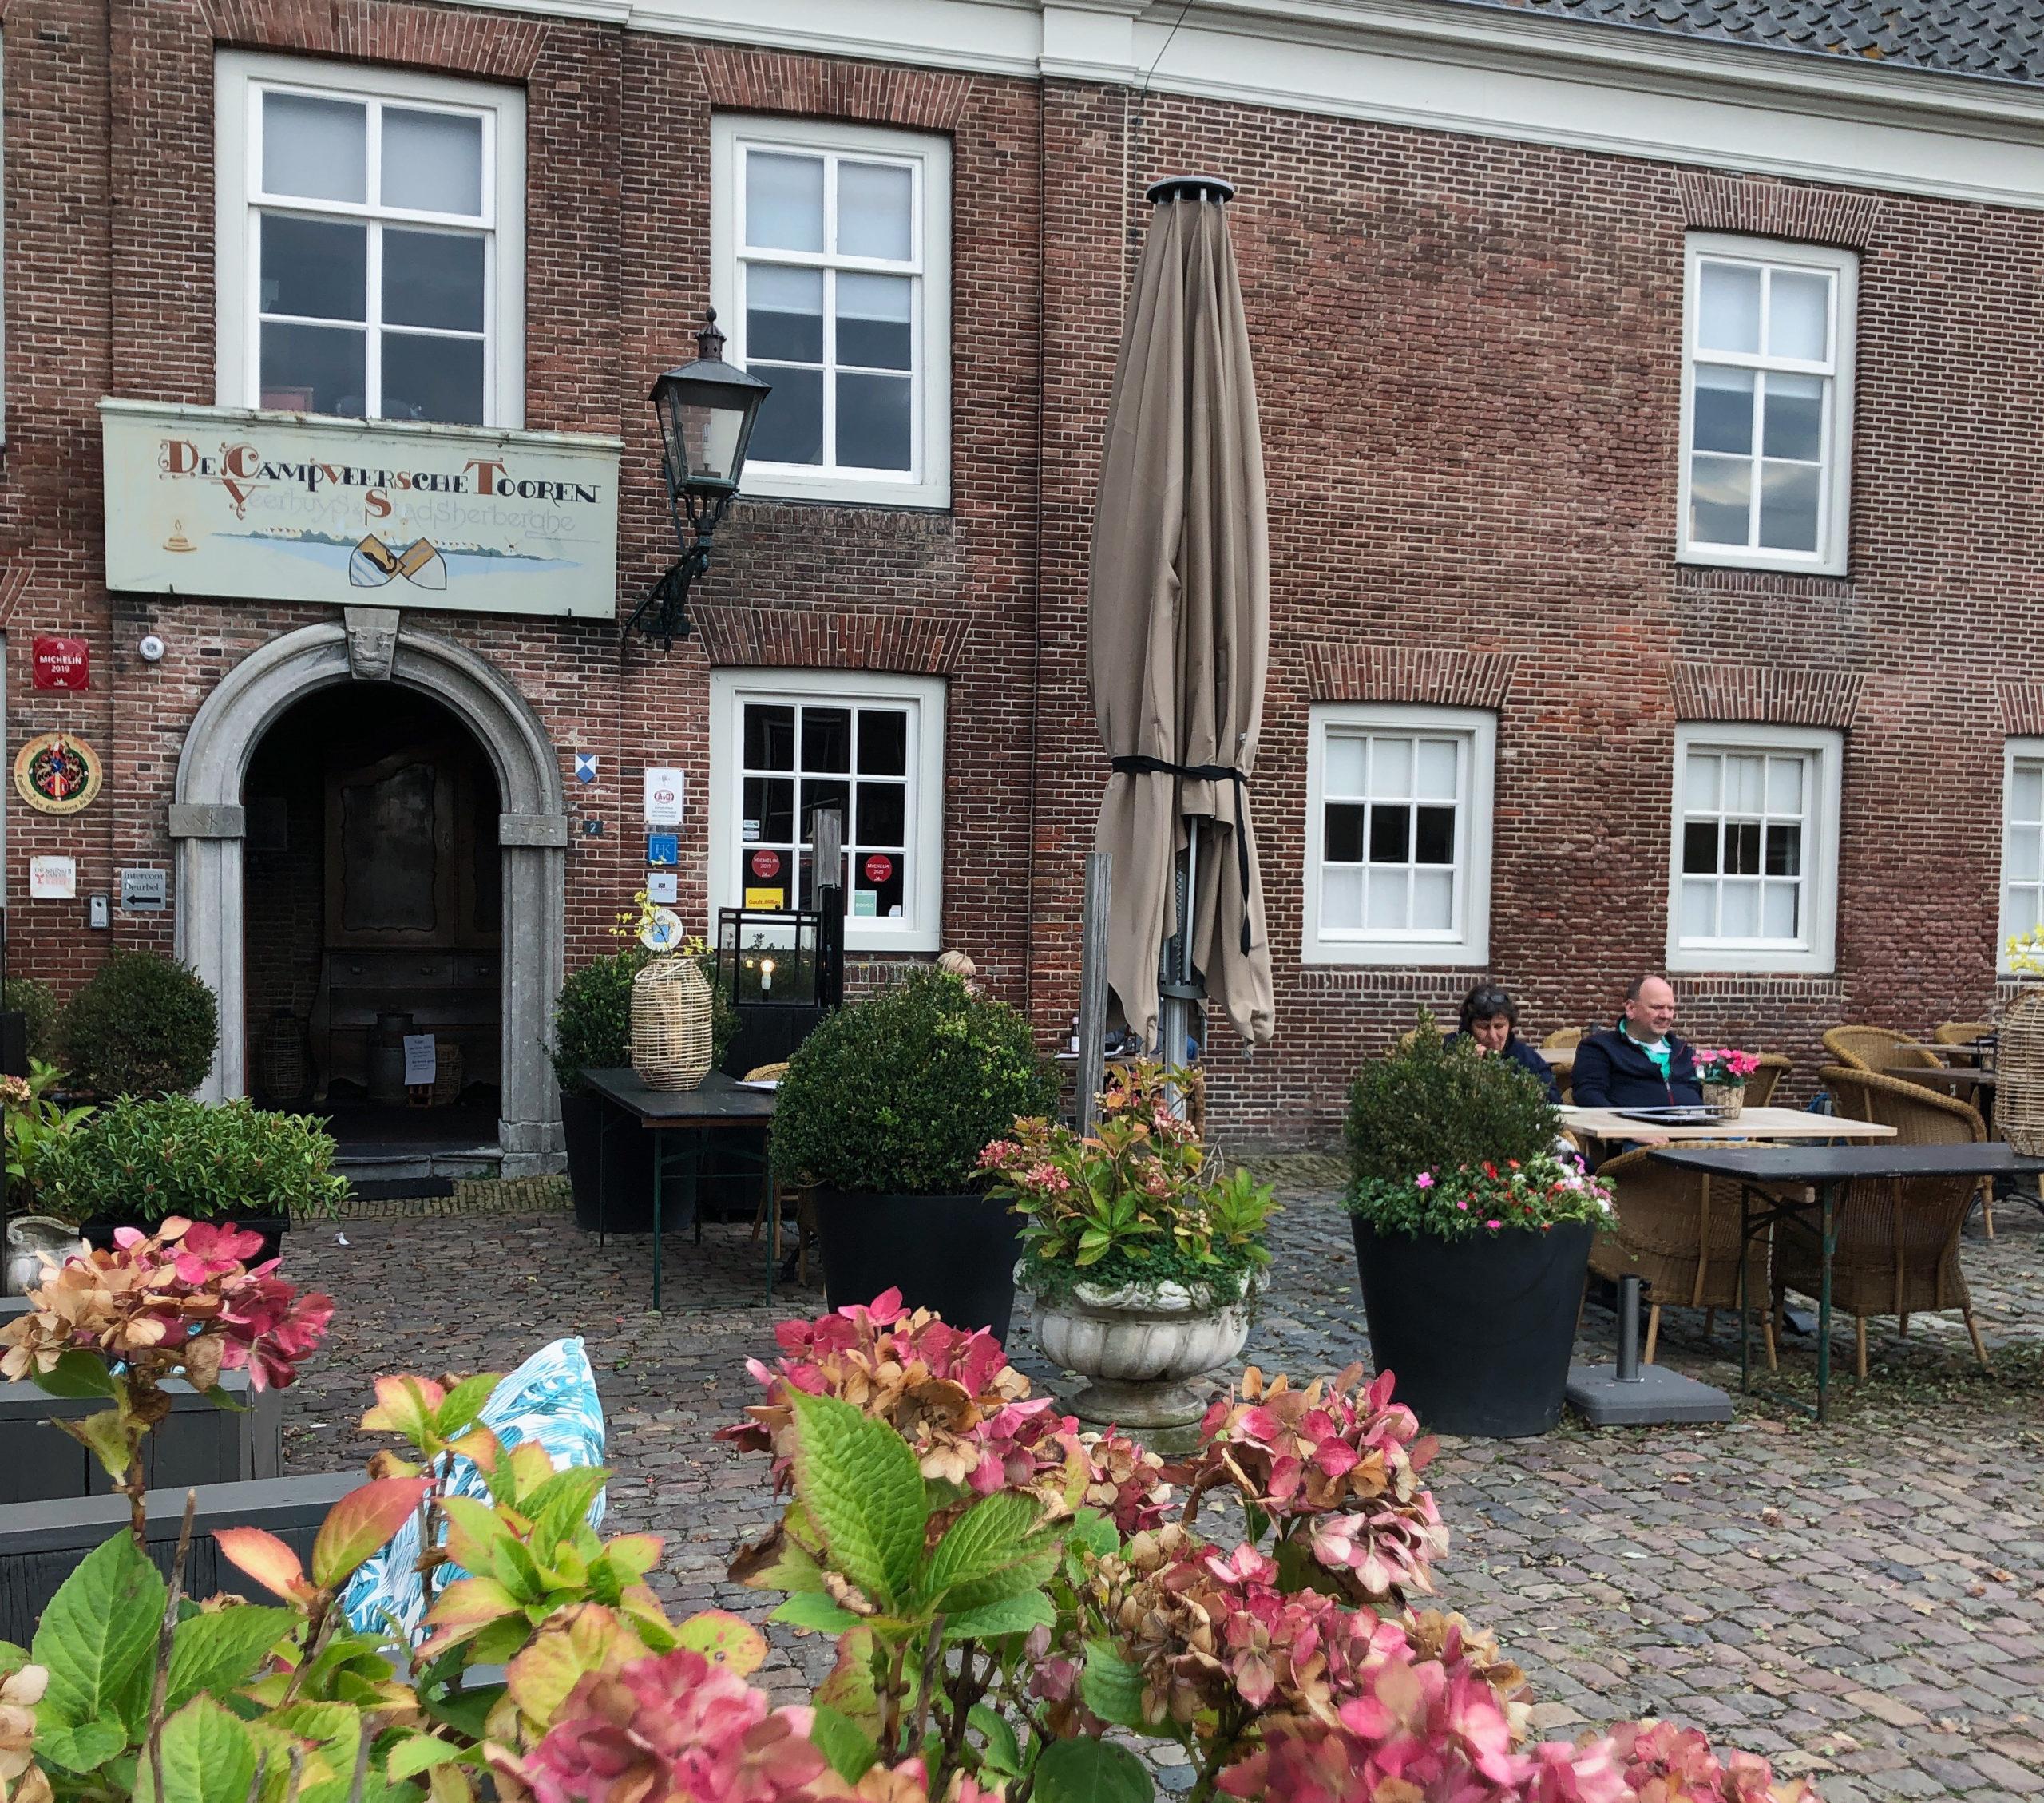 Eingang des Hotels Campveerse Toren mit Blumen und Café